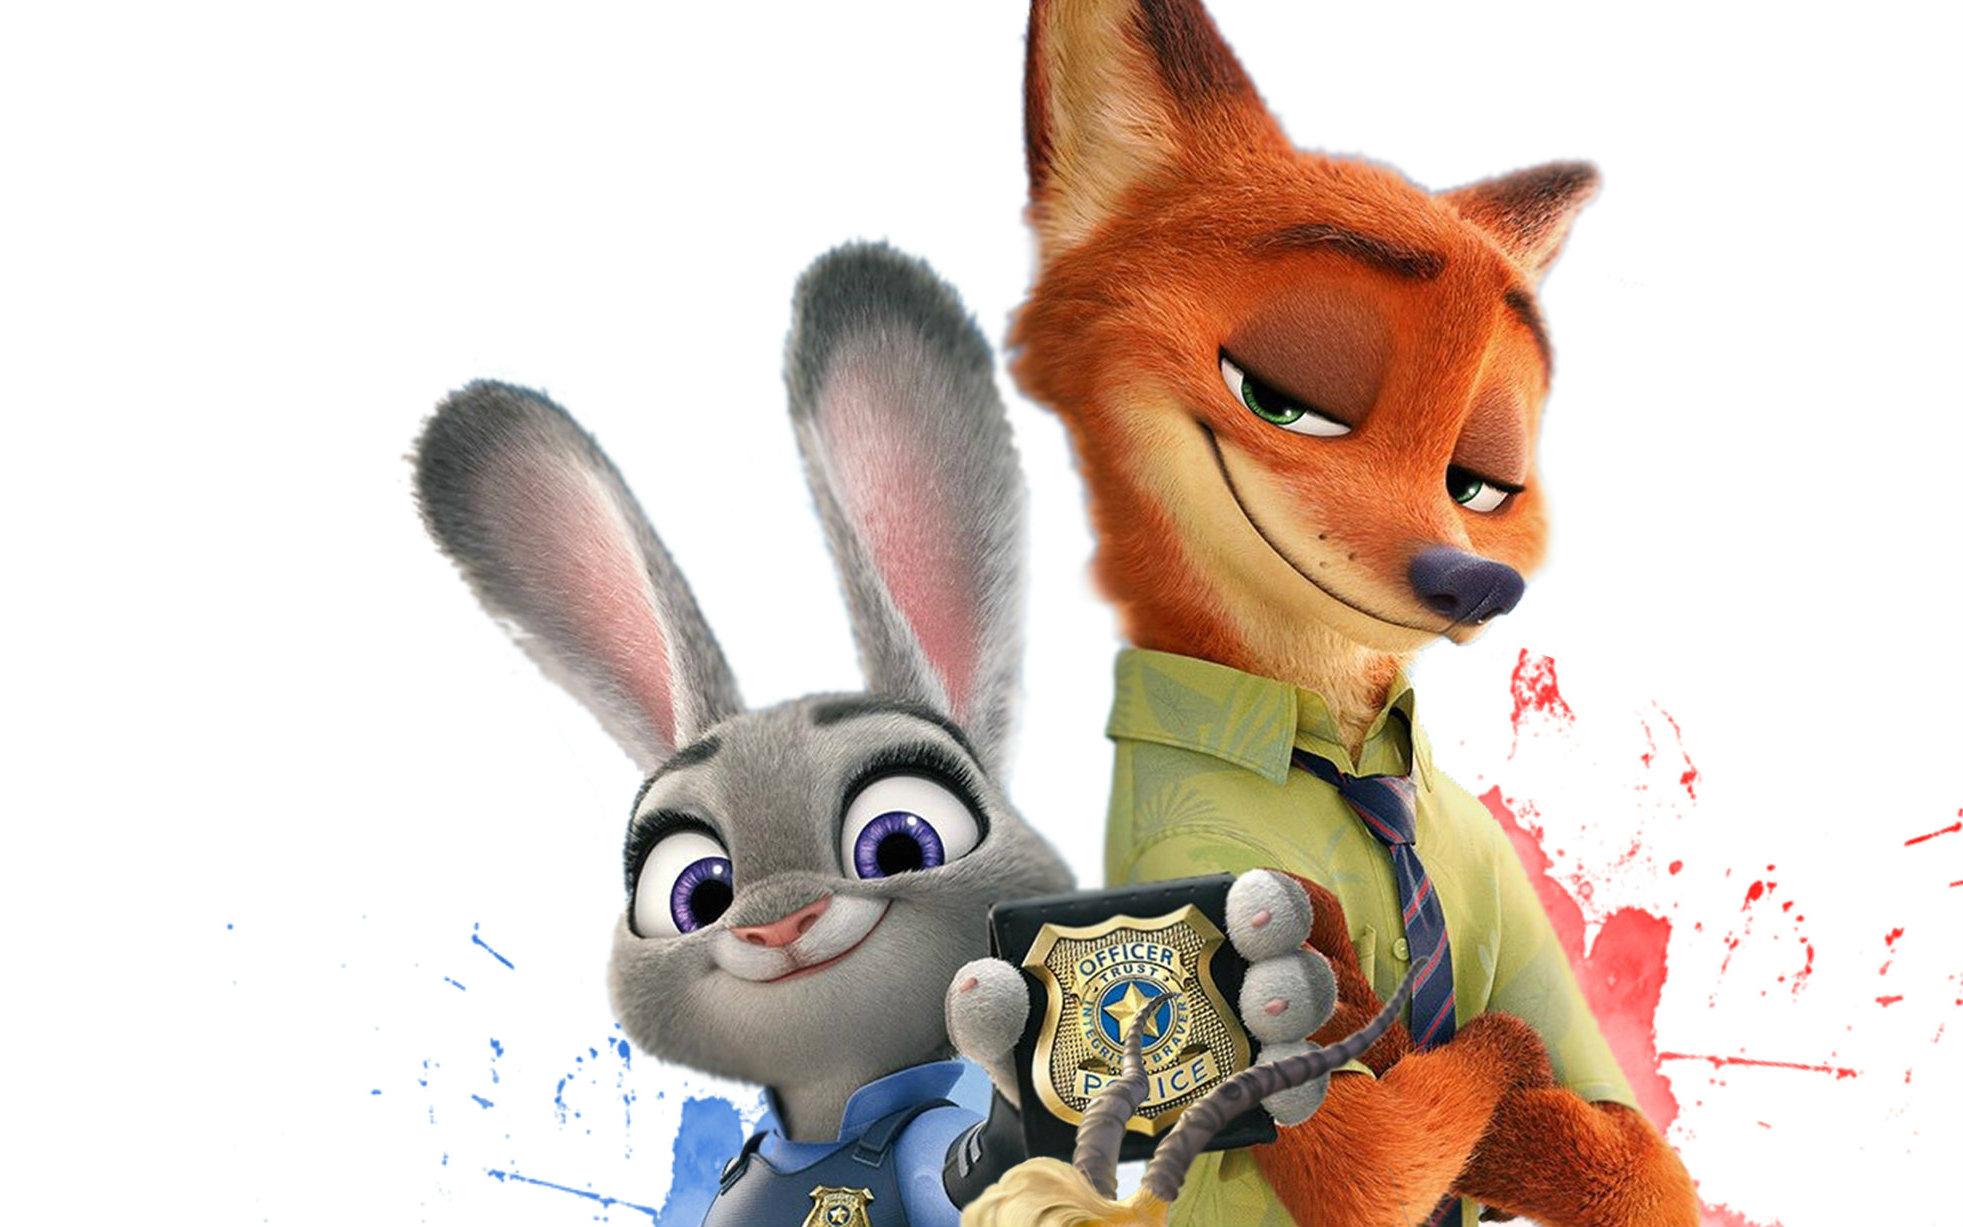 【疯狂动物城】《小狐狸》完全就是狐兔cp爱的主题歌图片